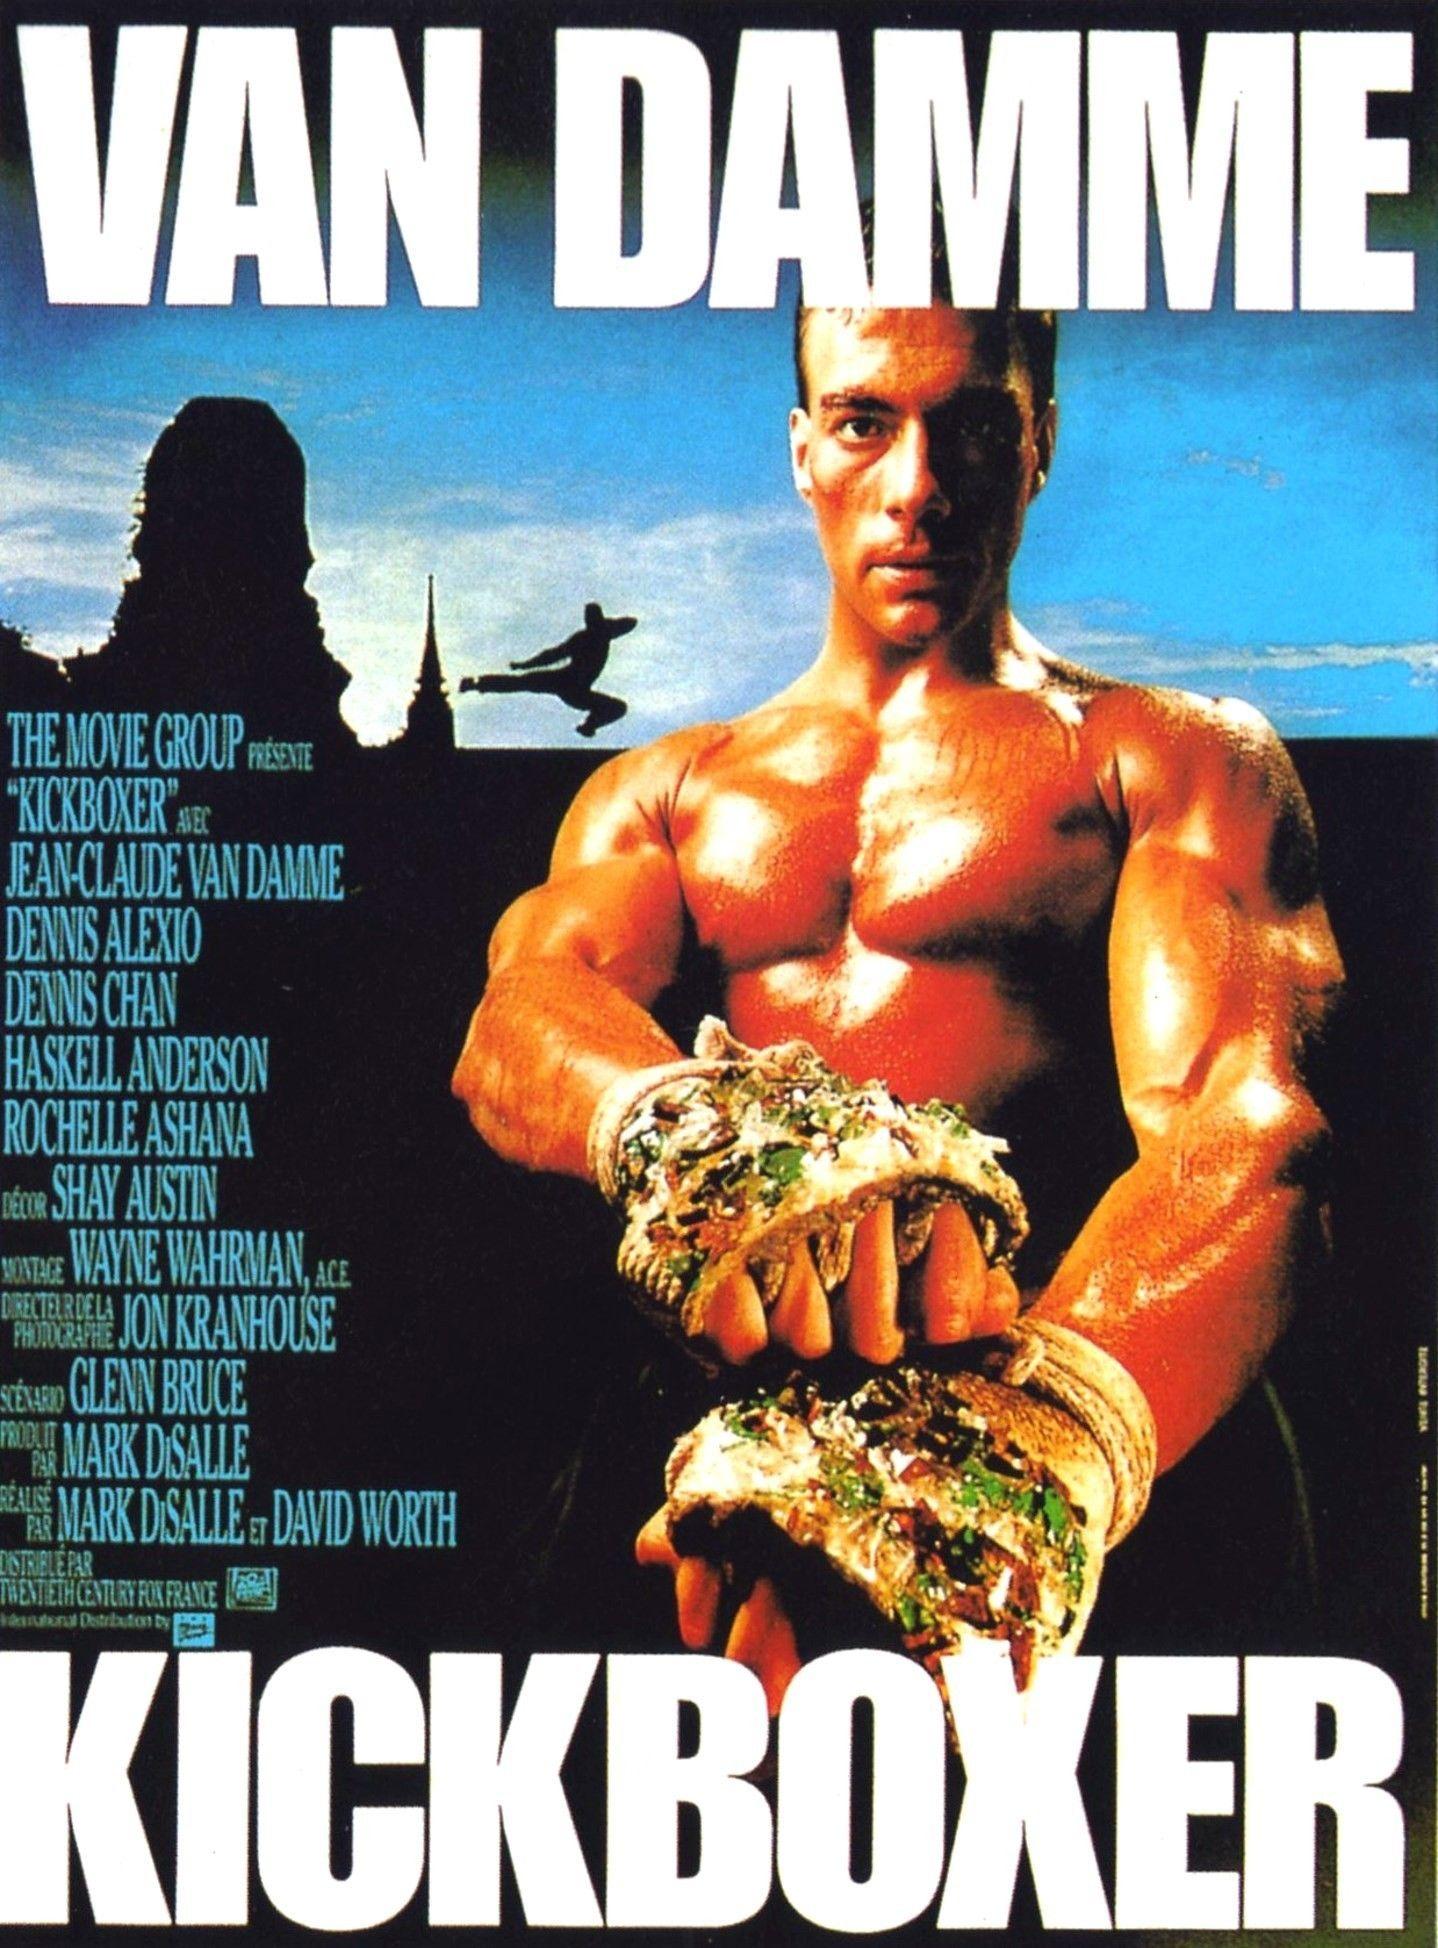 Film Kickboxer